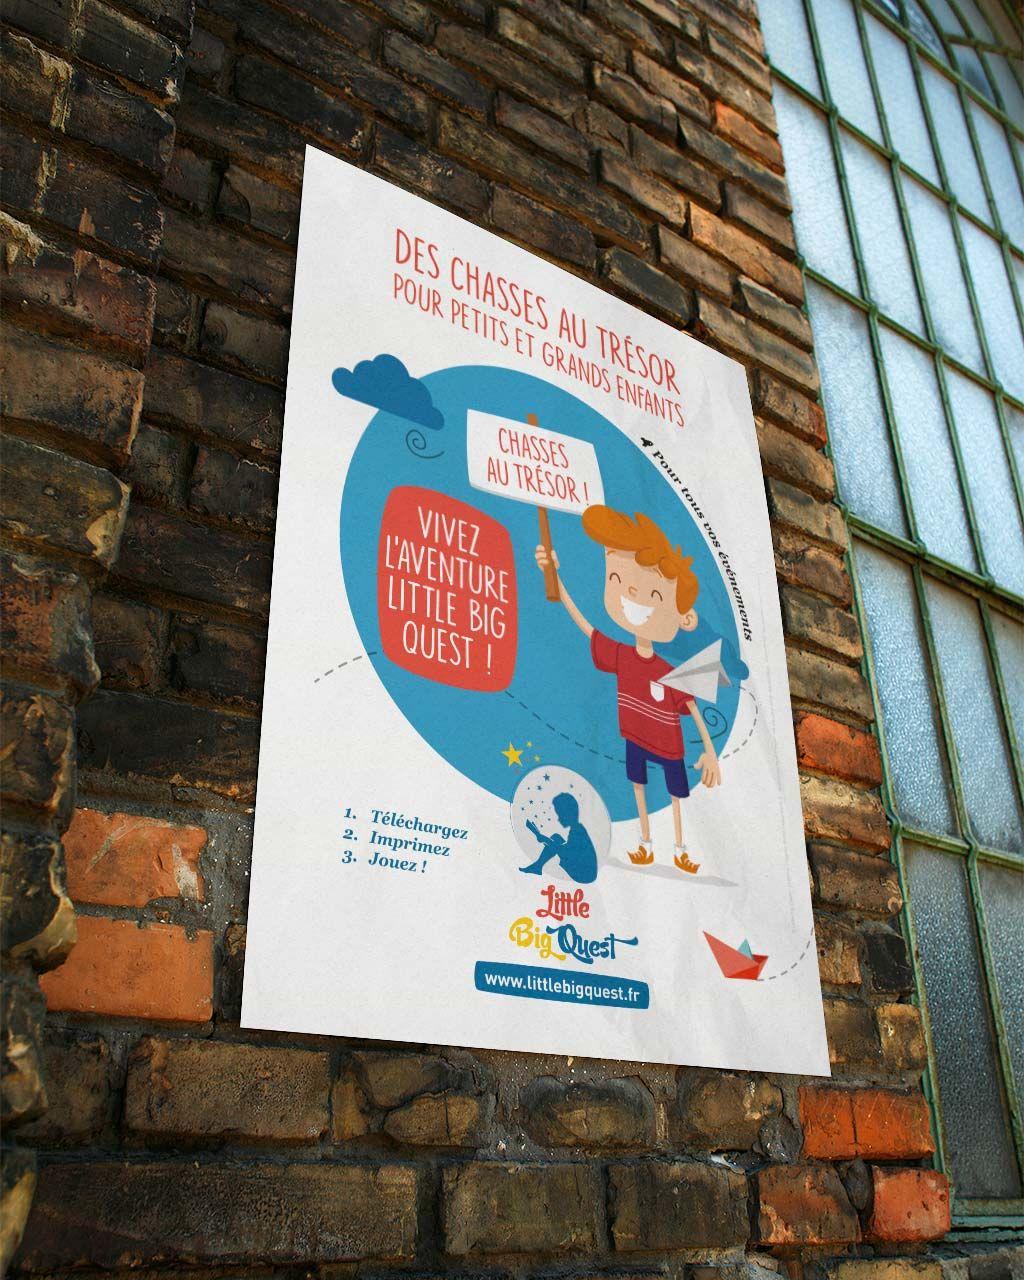 Affiche chasses au trésor pour enfants